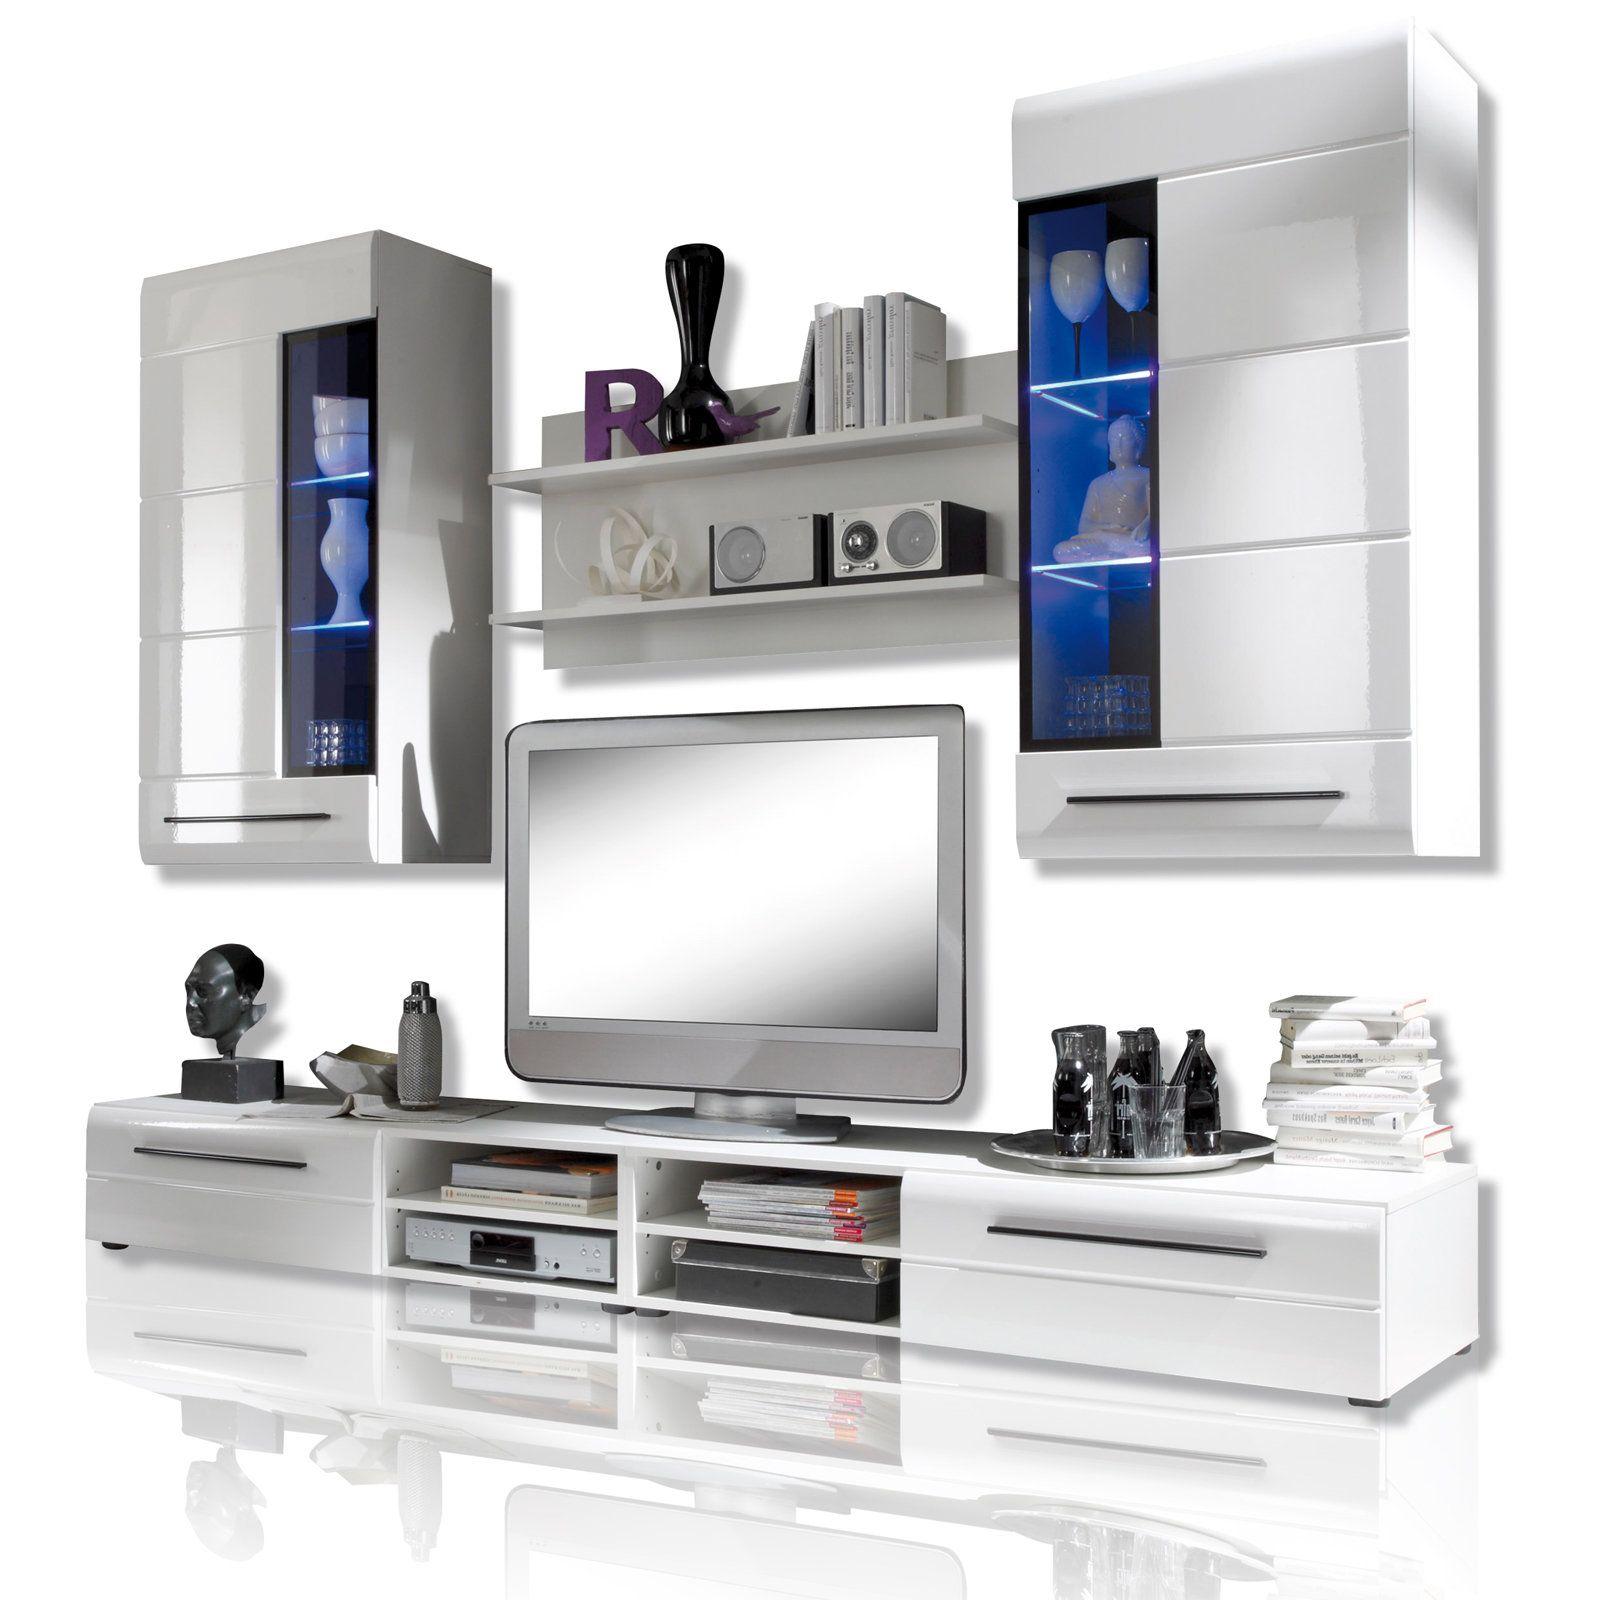 Wohnzimmermöbel Angebote: Wohnwand SKIN - Weiß Hochglanz - LED Beleuchtung